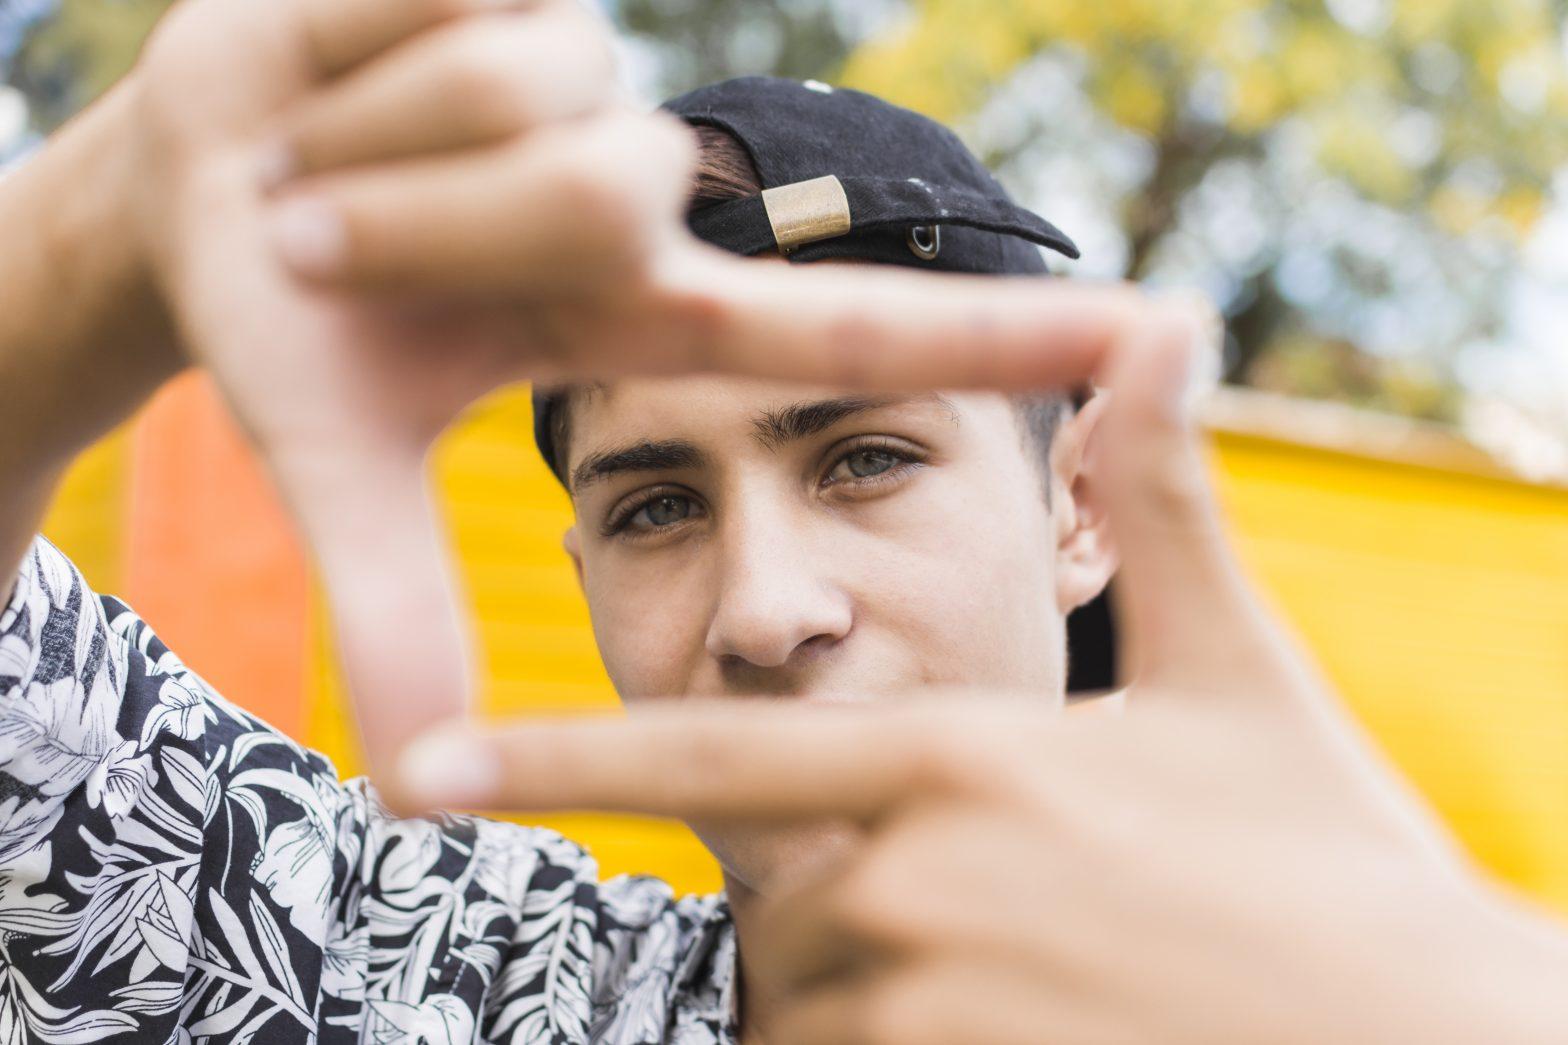 Chico joven de gorra que representa a la generación millennial y centenial